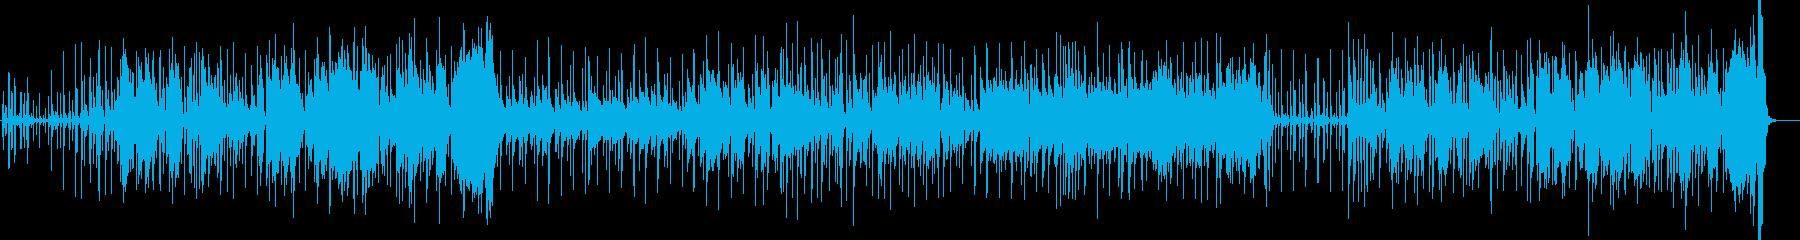 アバンギャルドなサックスのブルースの再生済みの波形